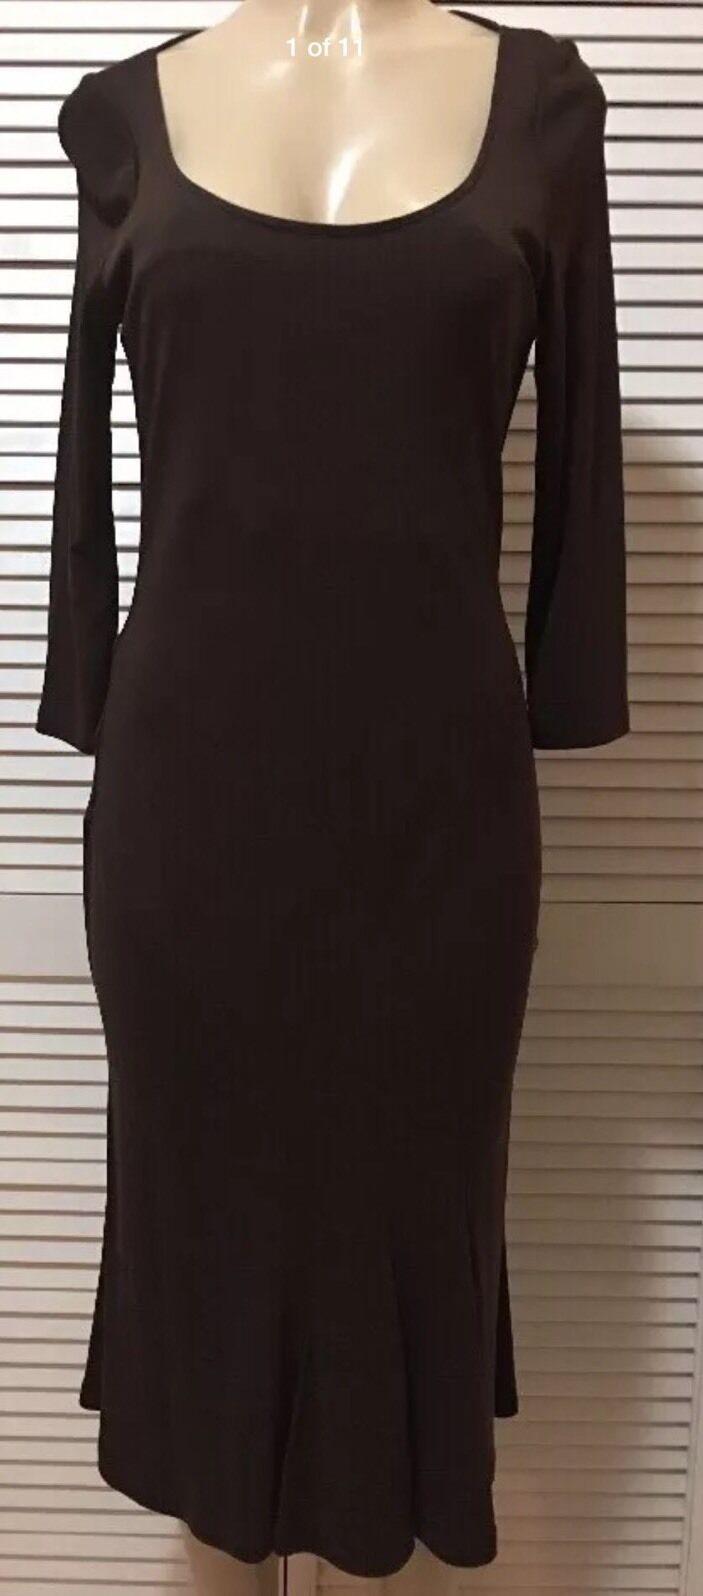 NWT Lauren Ralph Lauren Three Quarter Sleeve Brown Flounce-Hem Dress Size Medium